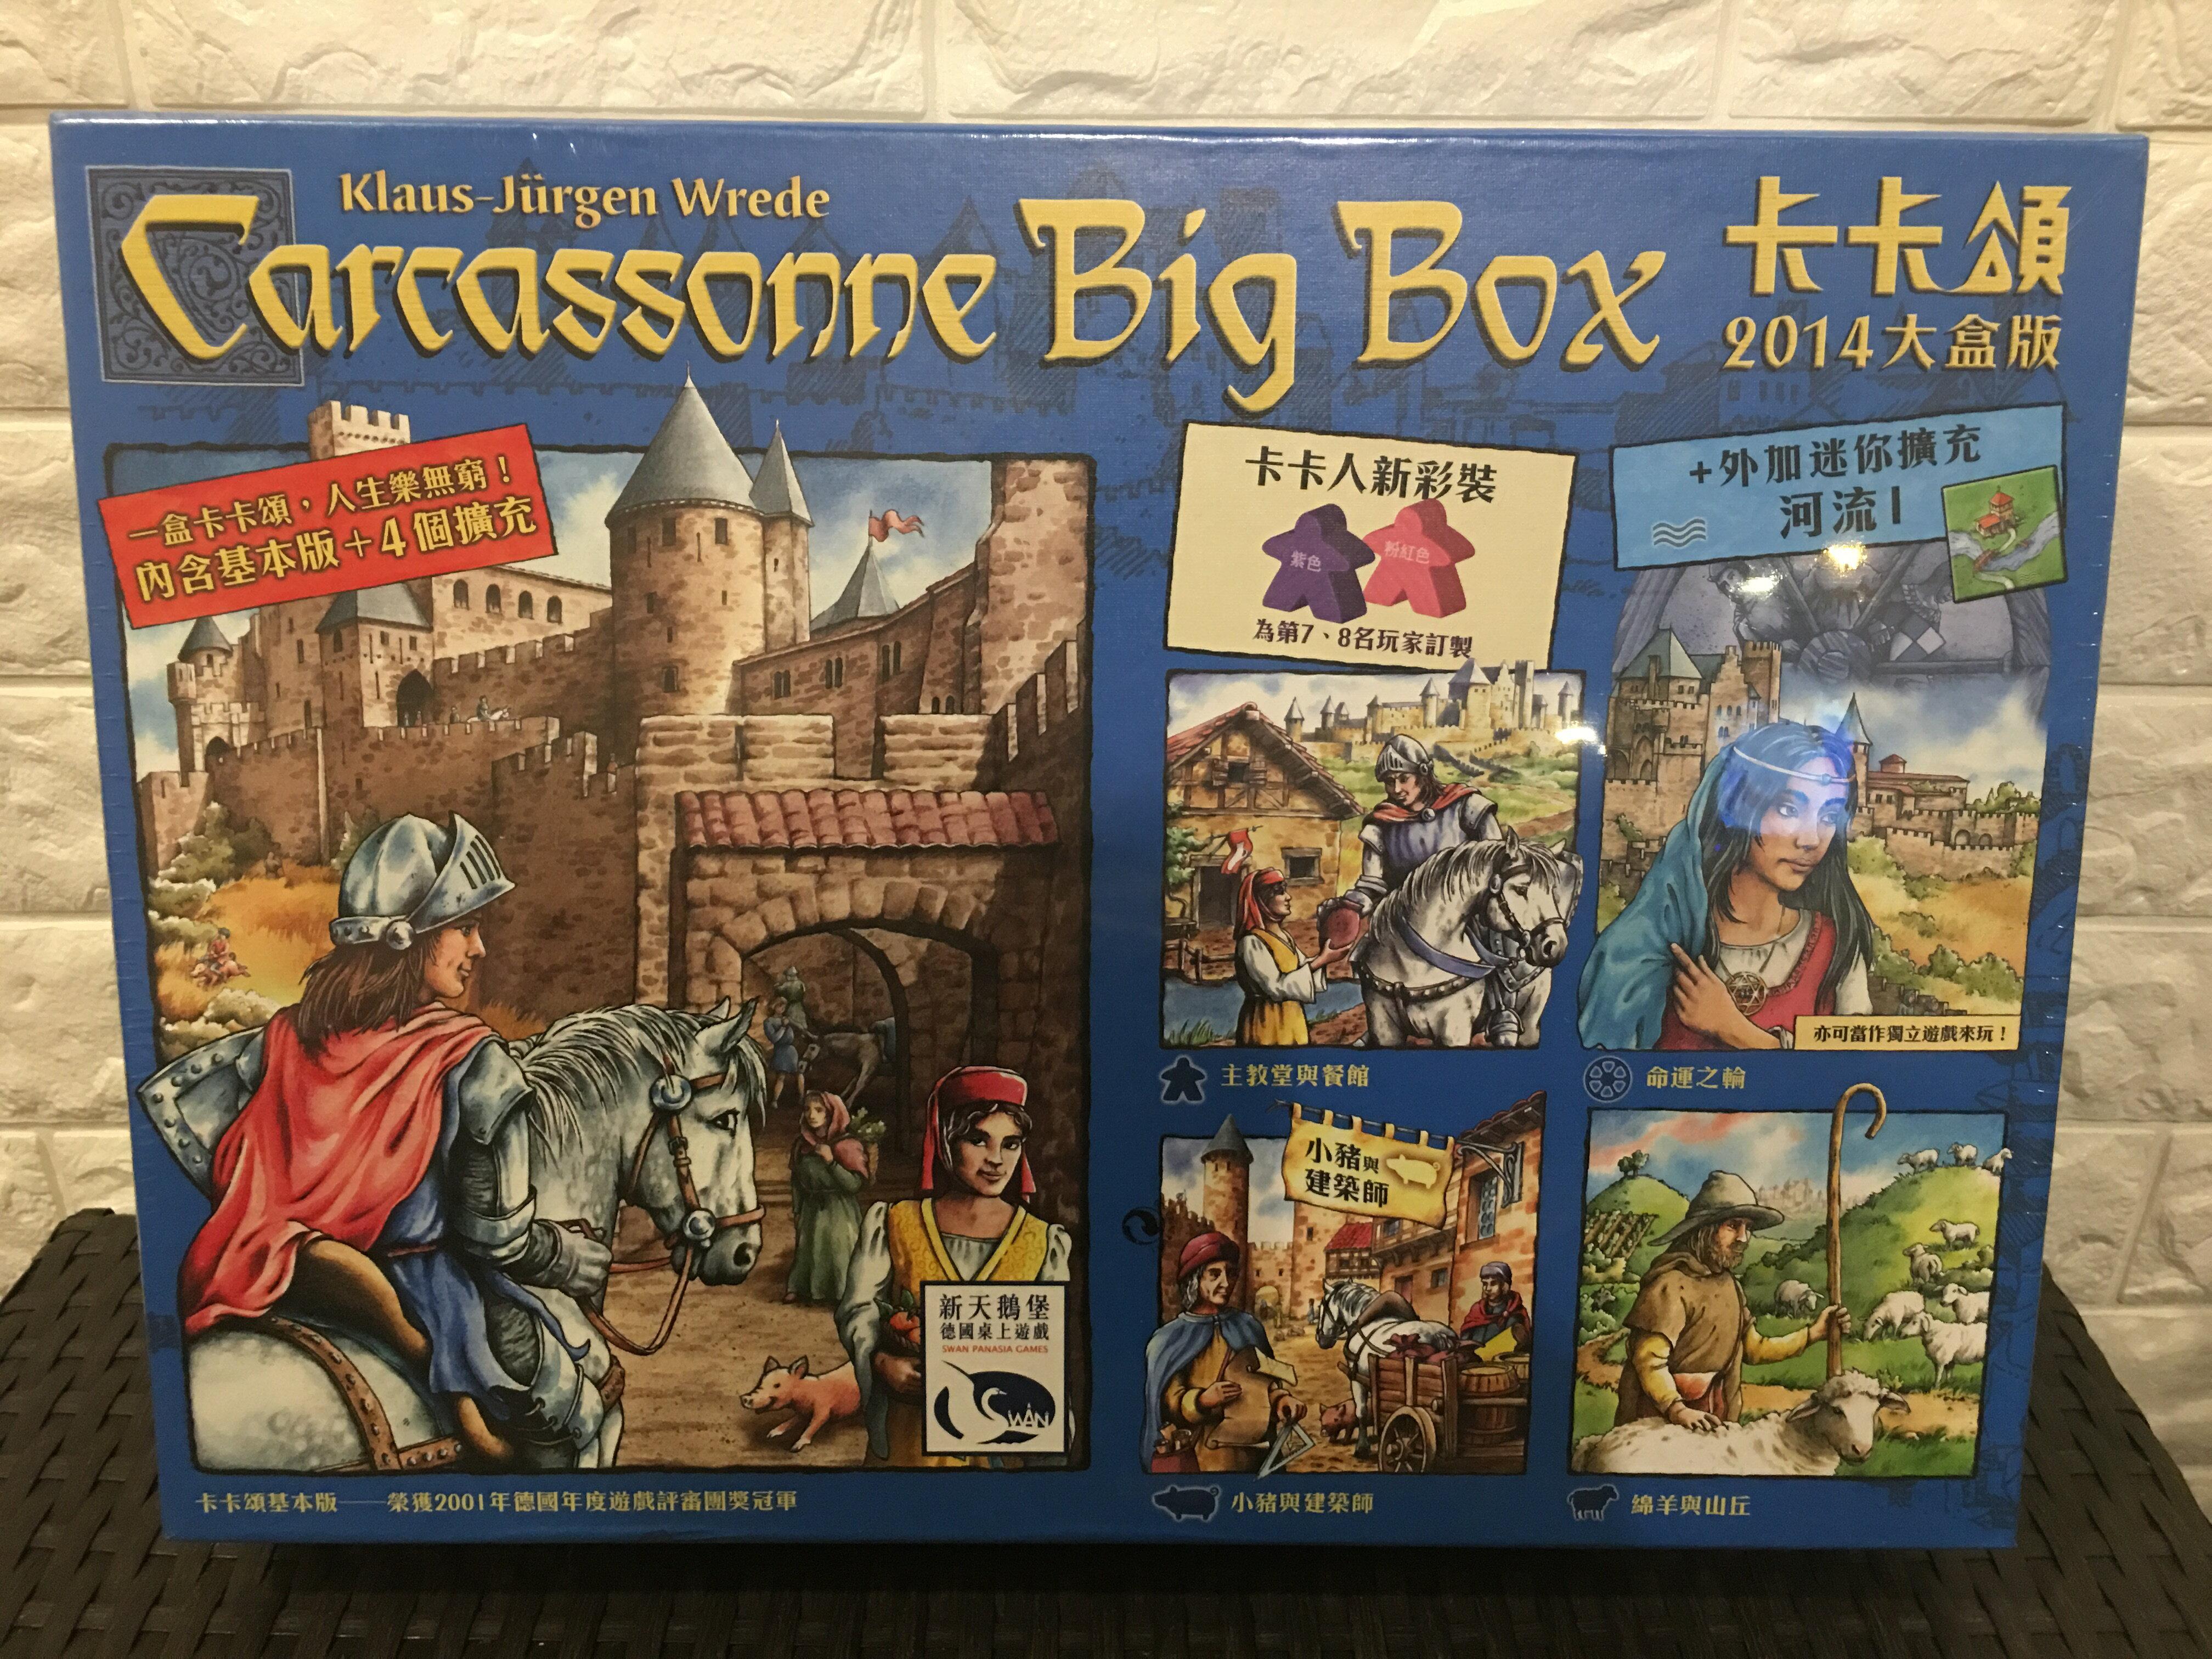 【桌遊侍】卡卡頌大盒版2014 Carcassonne Big Box 實體店面快速出貨 《免運.再送充足牌套》任兩件再九折喔!!